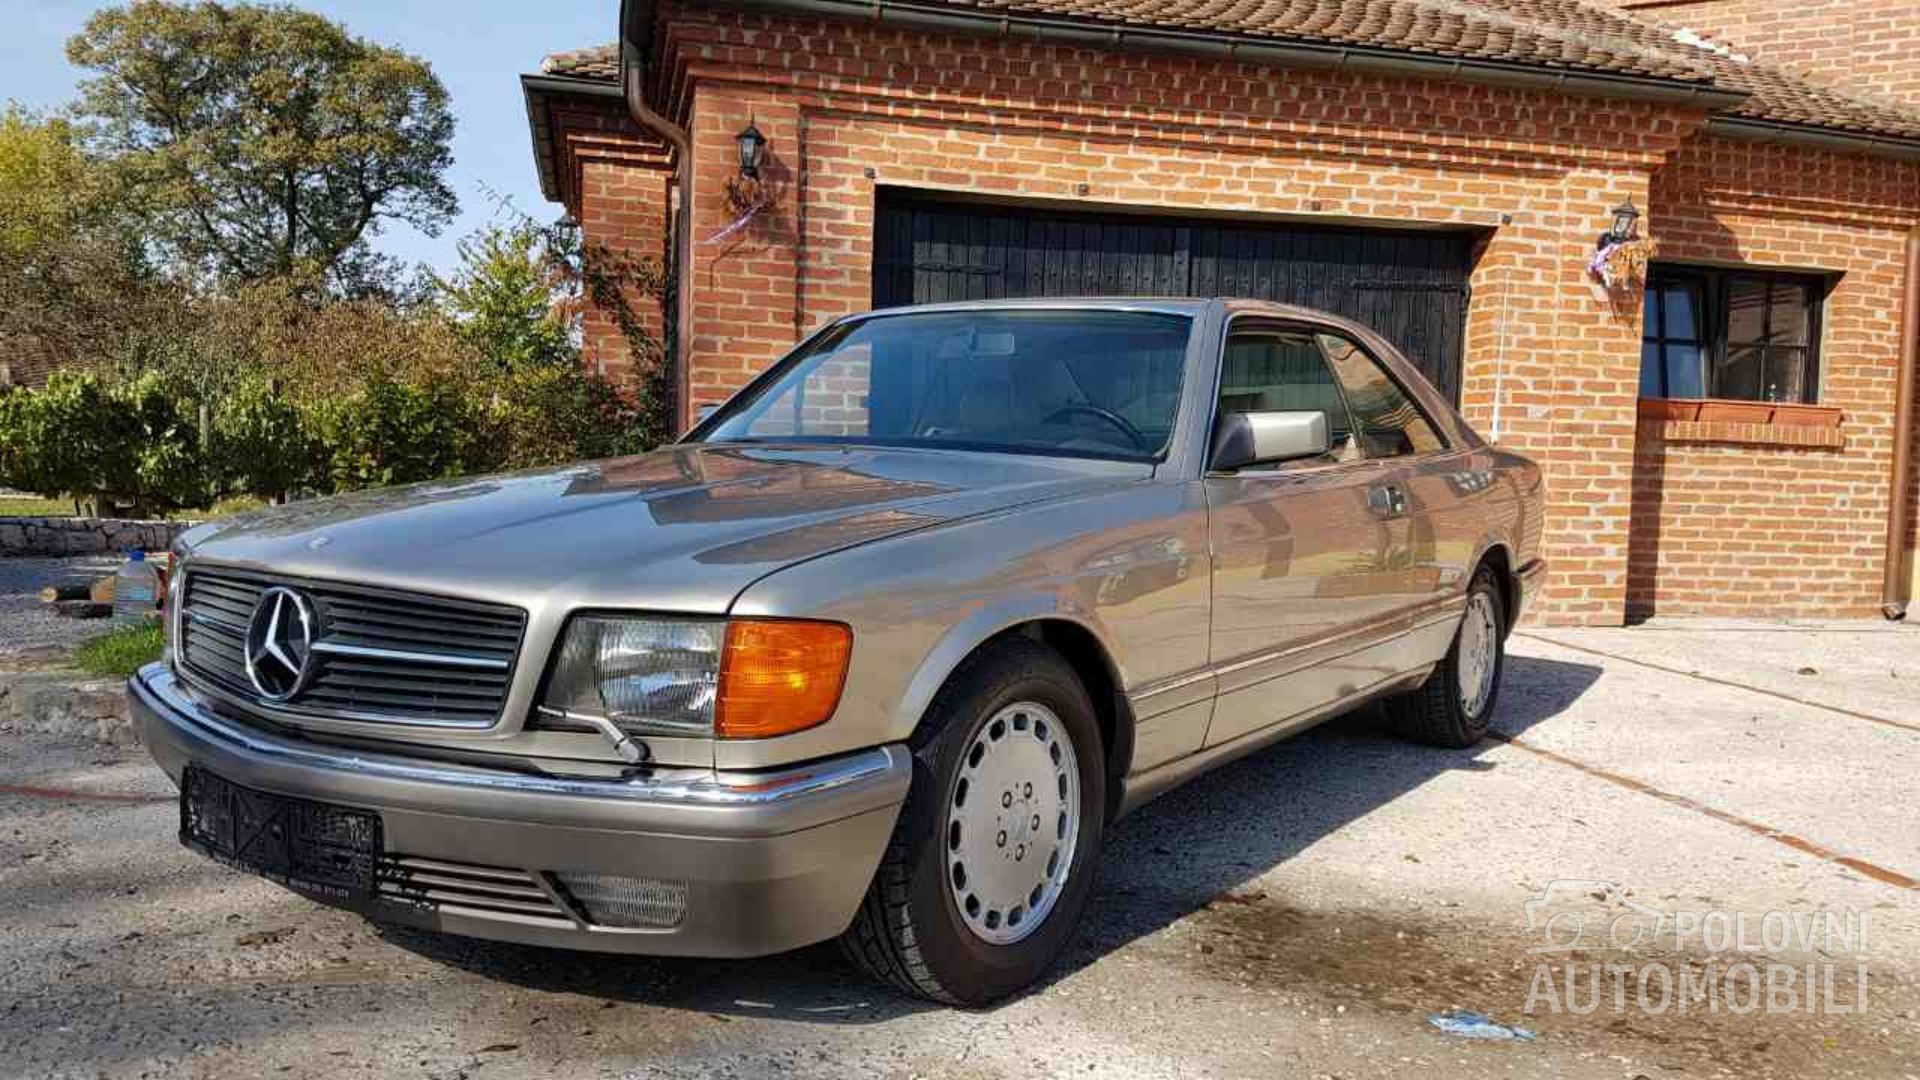 1986 Mercedes Benz 500 Sec C126 10800 Autoslavia